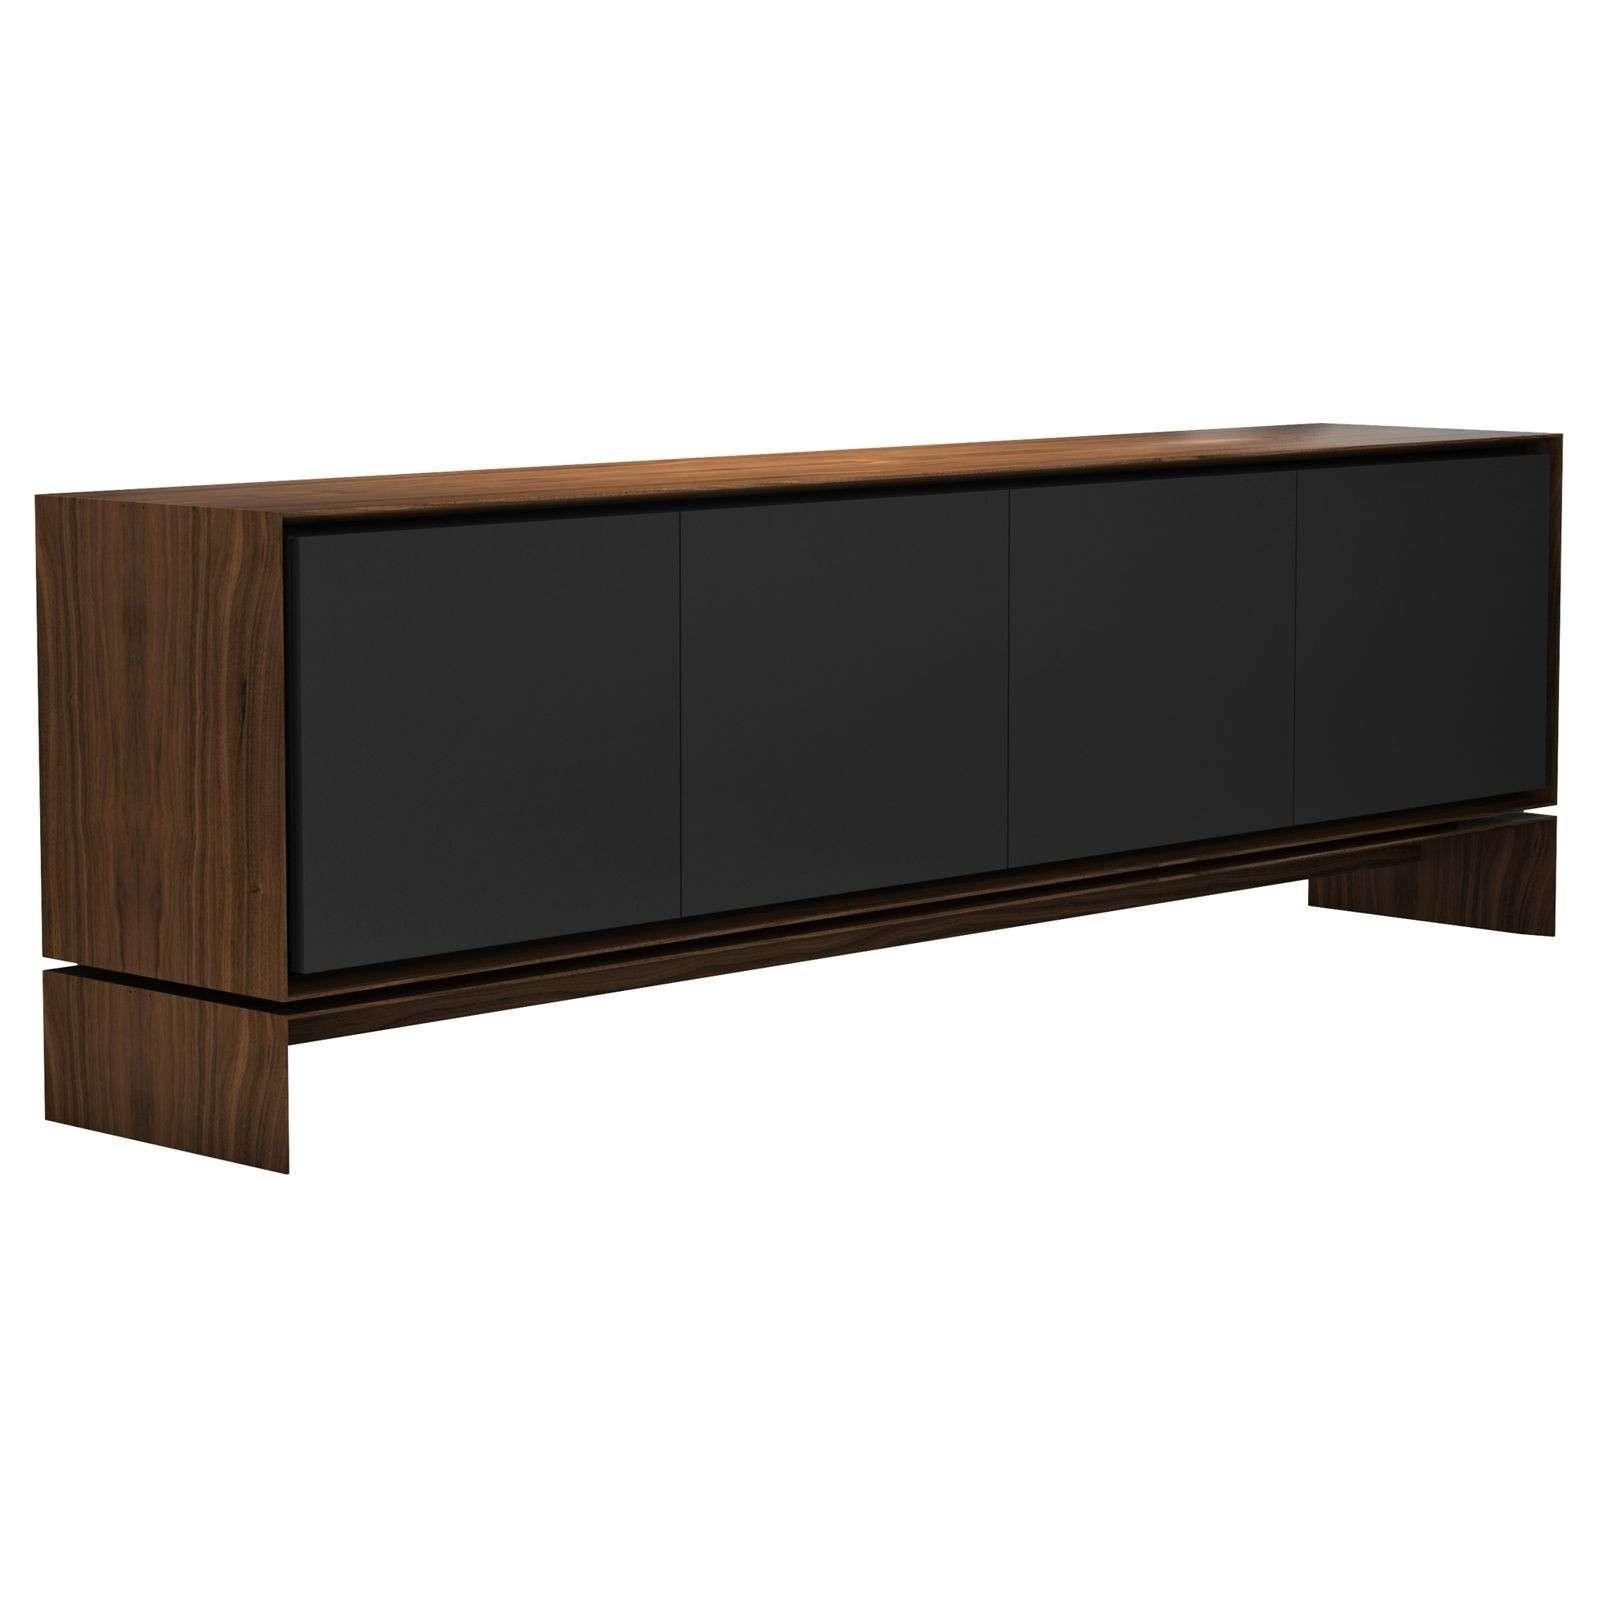 Barnes Sideboardmodloft | Modern Sideboards | Cressina Inside Walnut Sideboards (View 20 of 20)